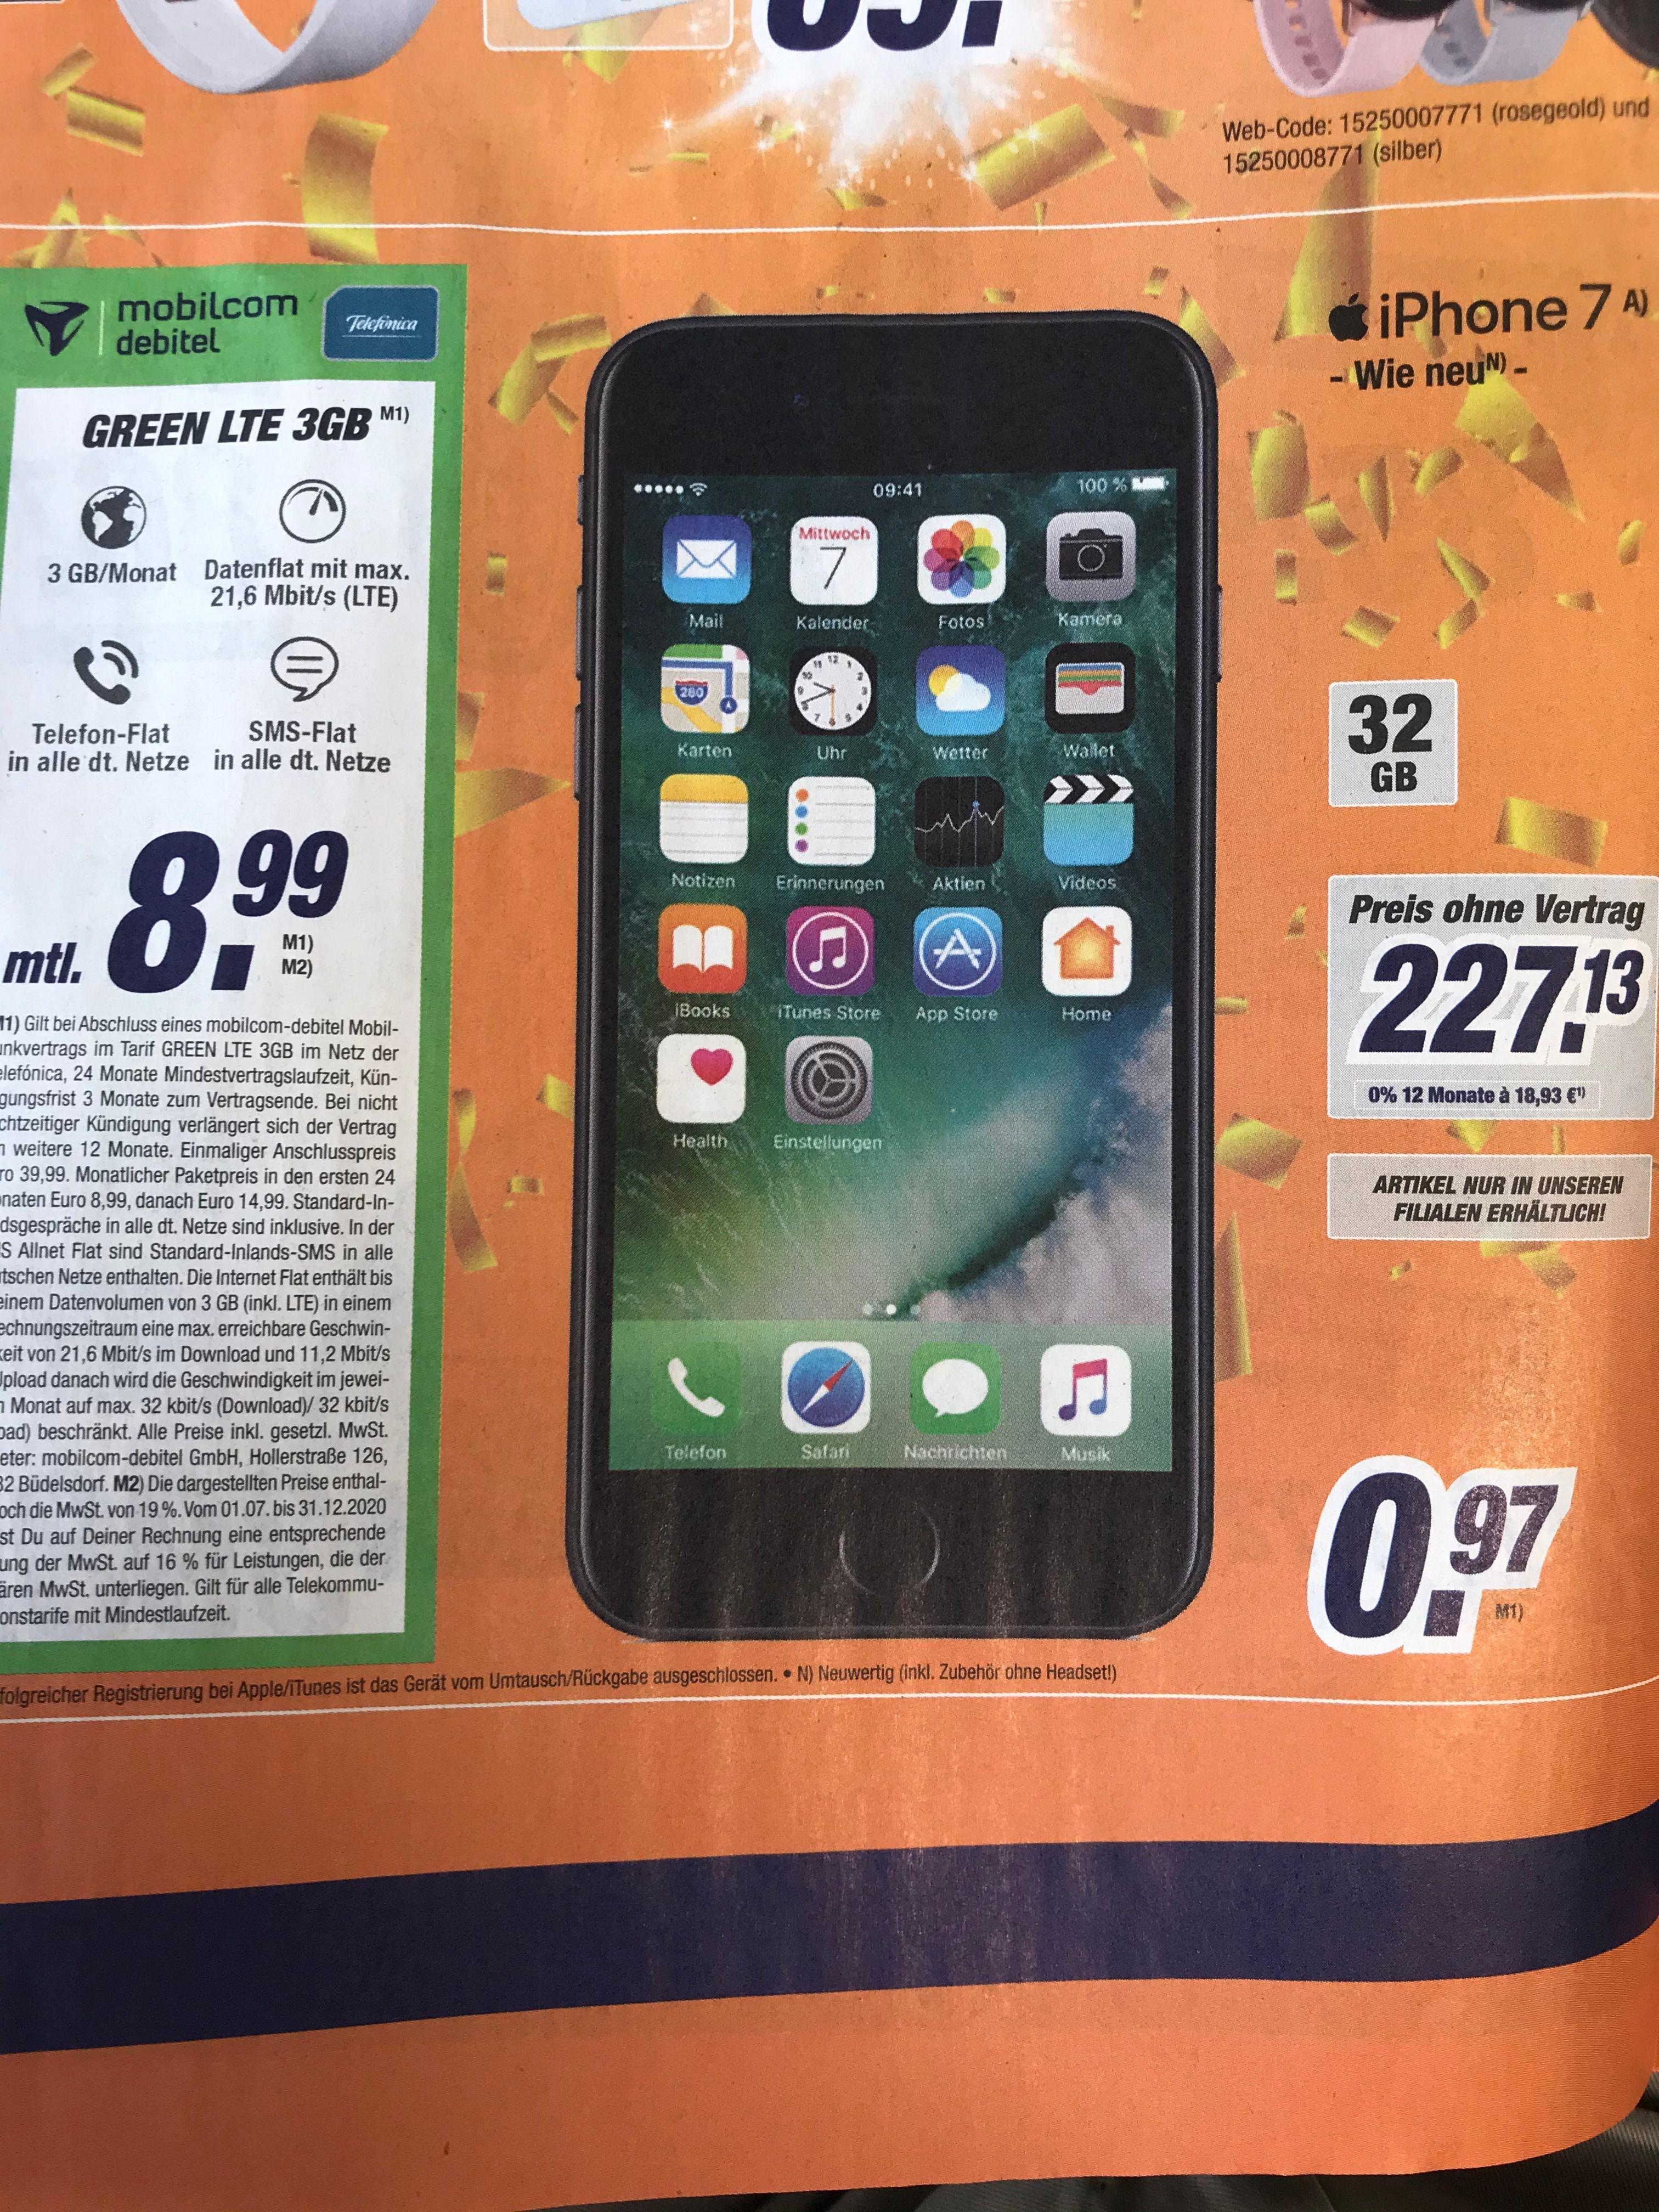 mobilcom-debitel Iphone 7 32GB (wie neu) im 3GB LTE-Vertrag für monatlich 8,99€